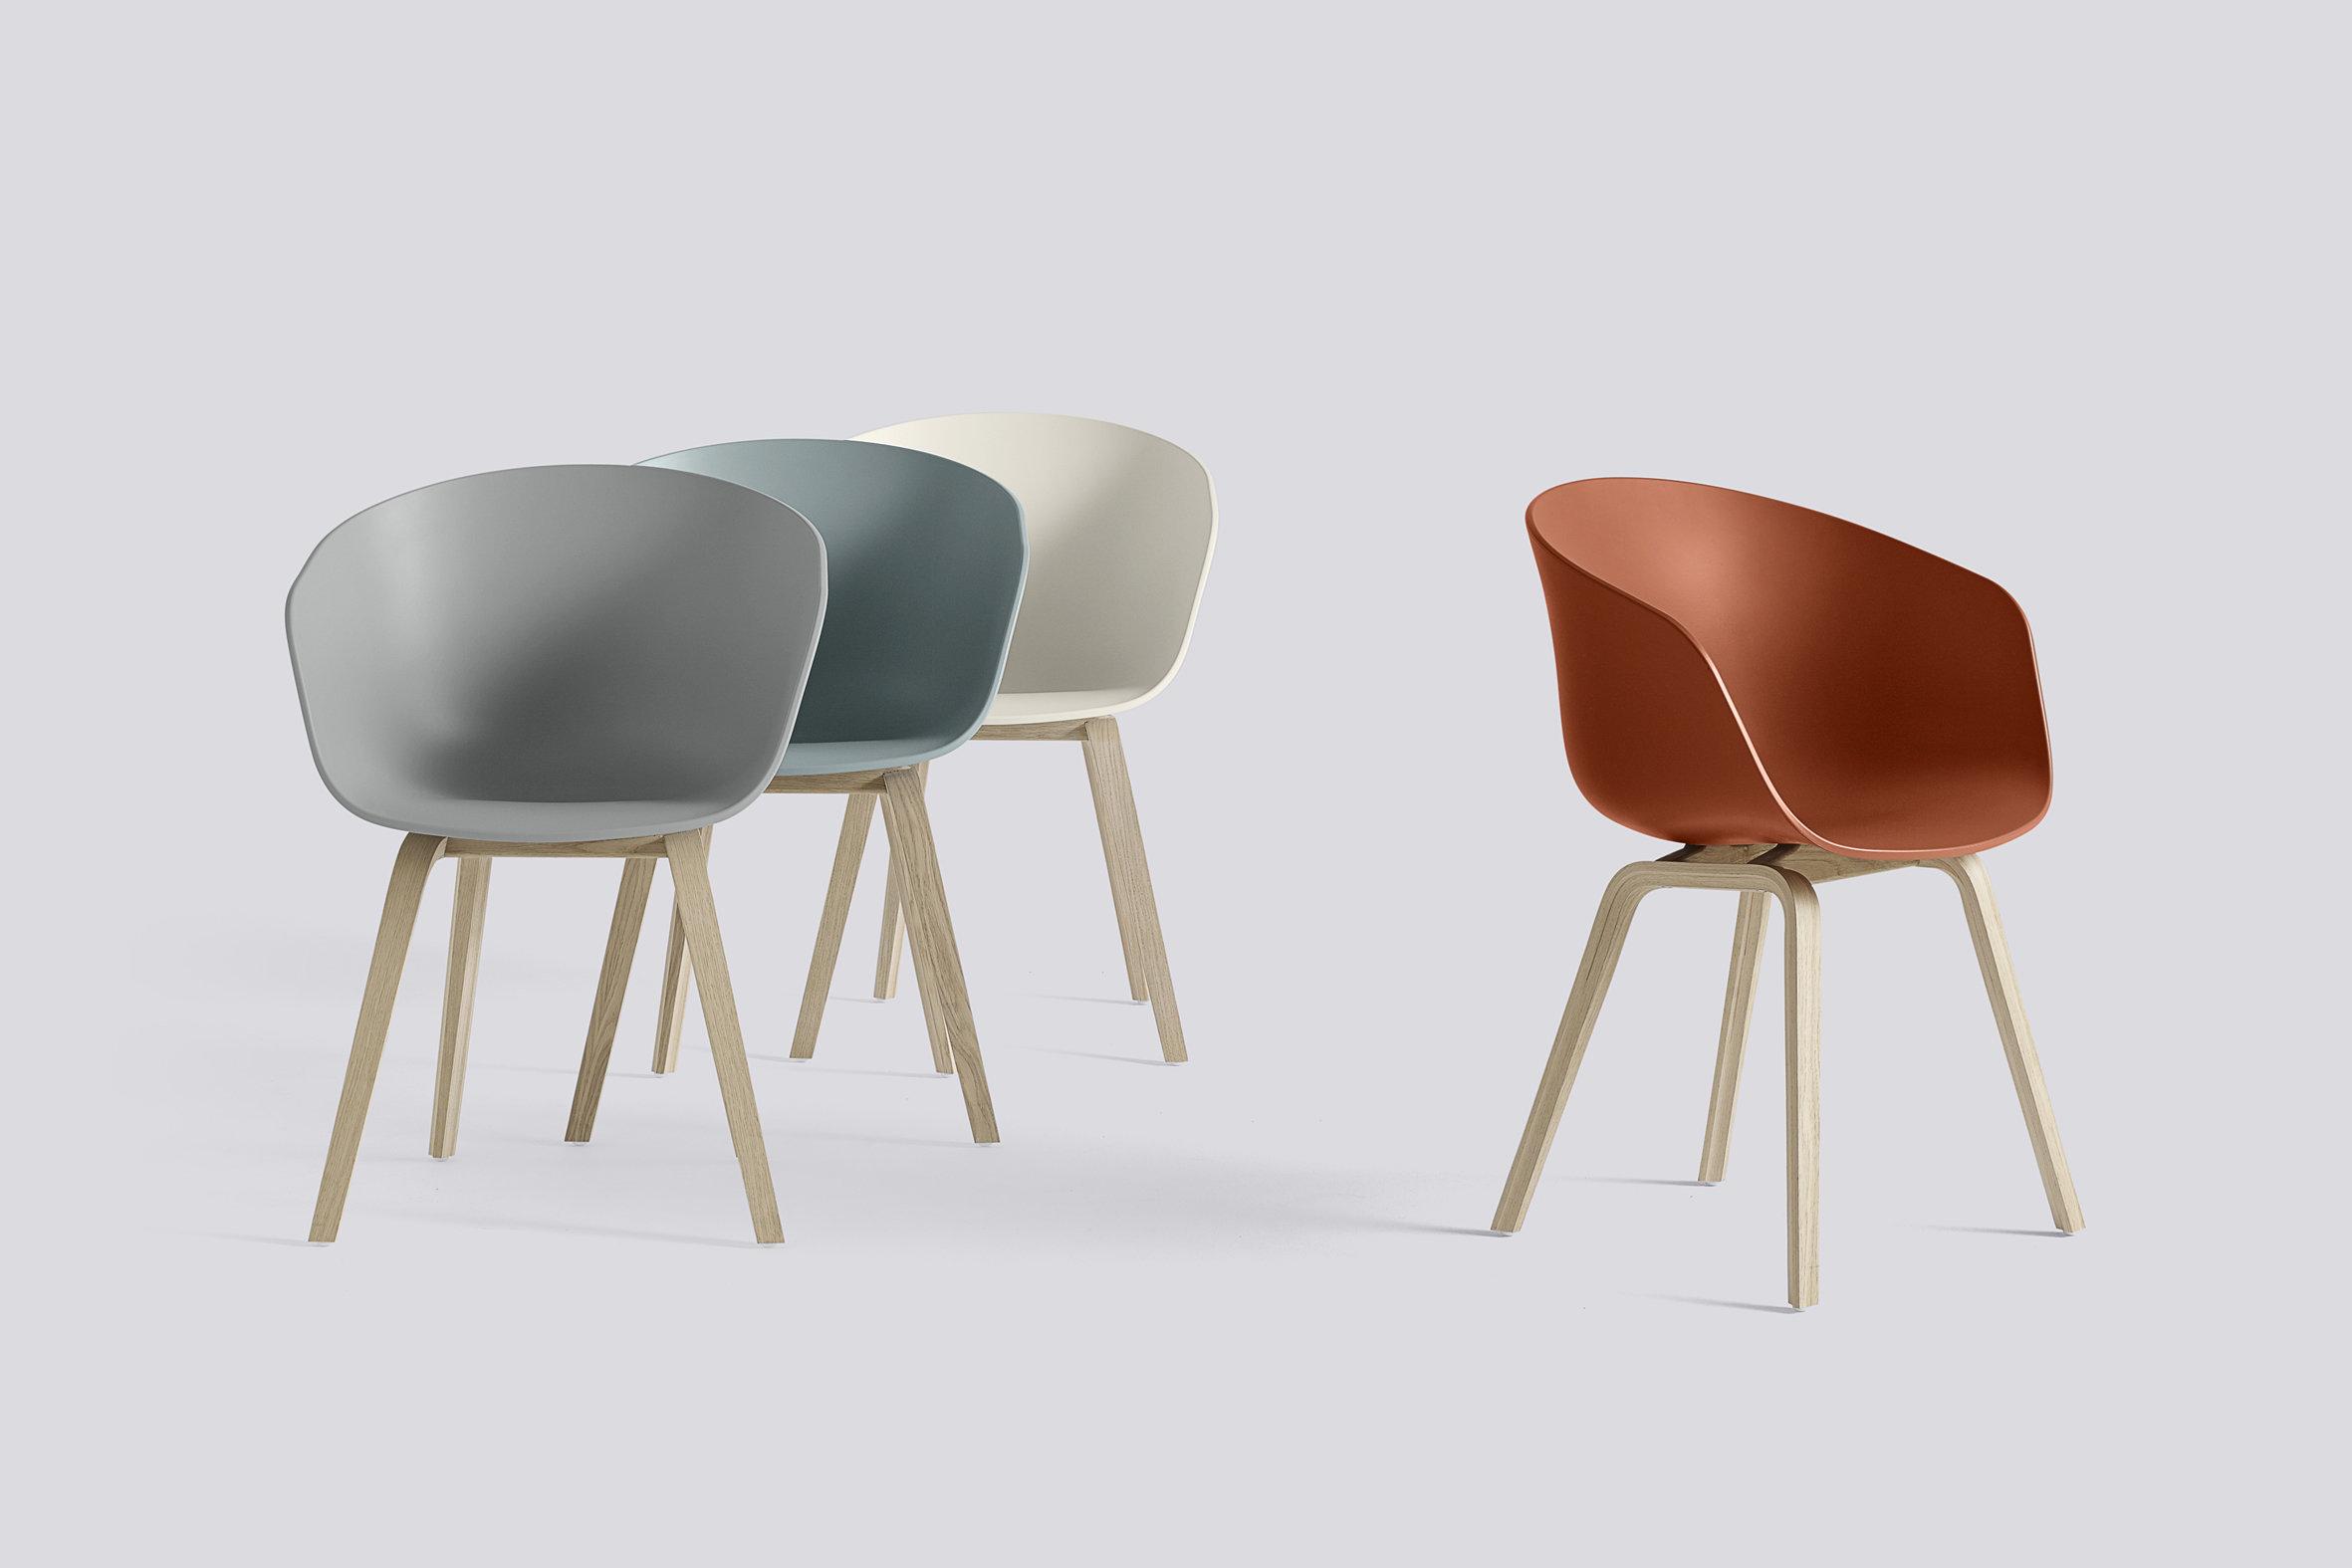 Designklassiker Schalenstuhl in vielen Farbvariationen